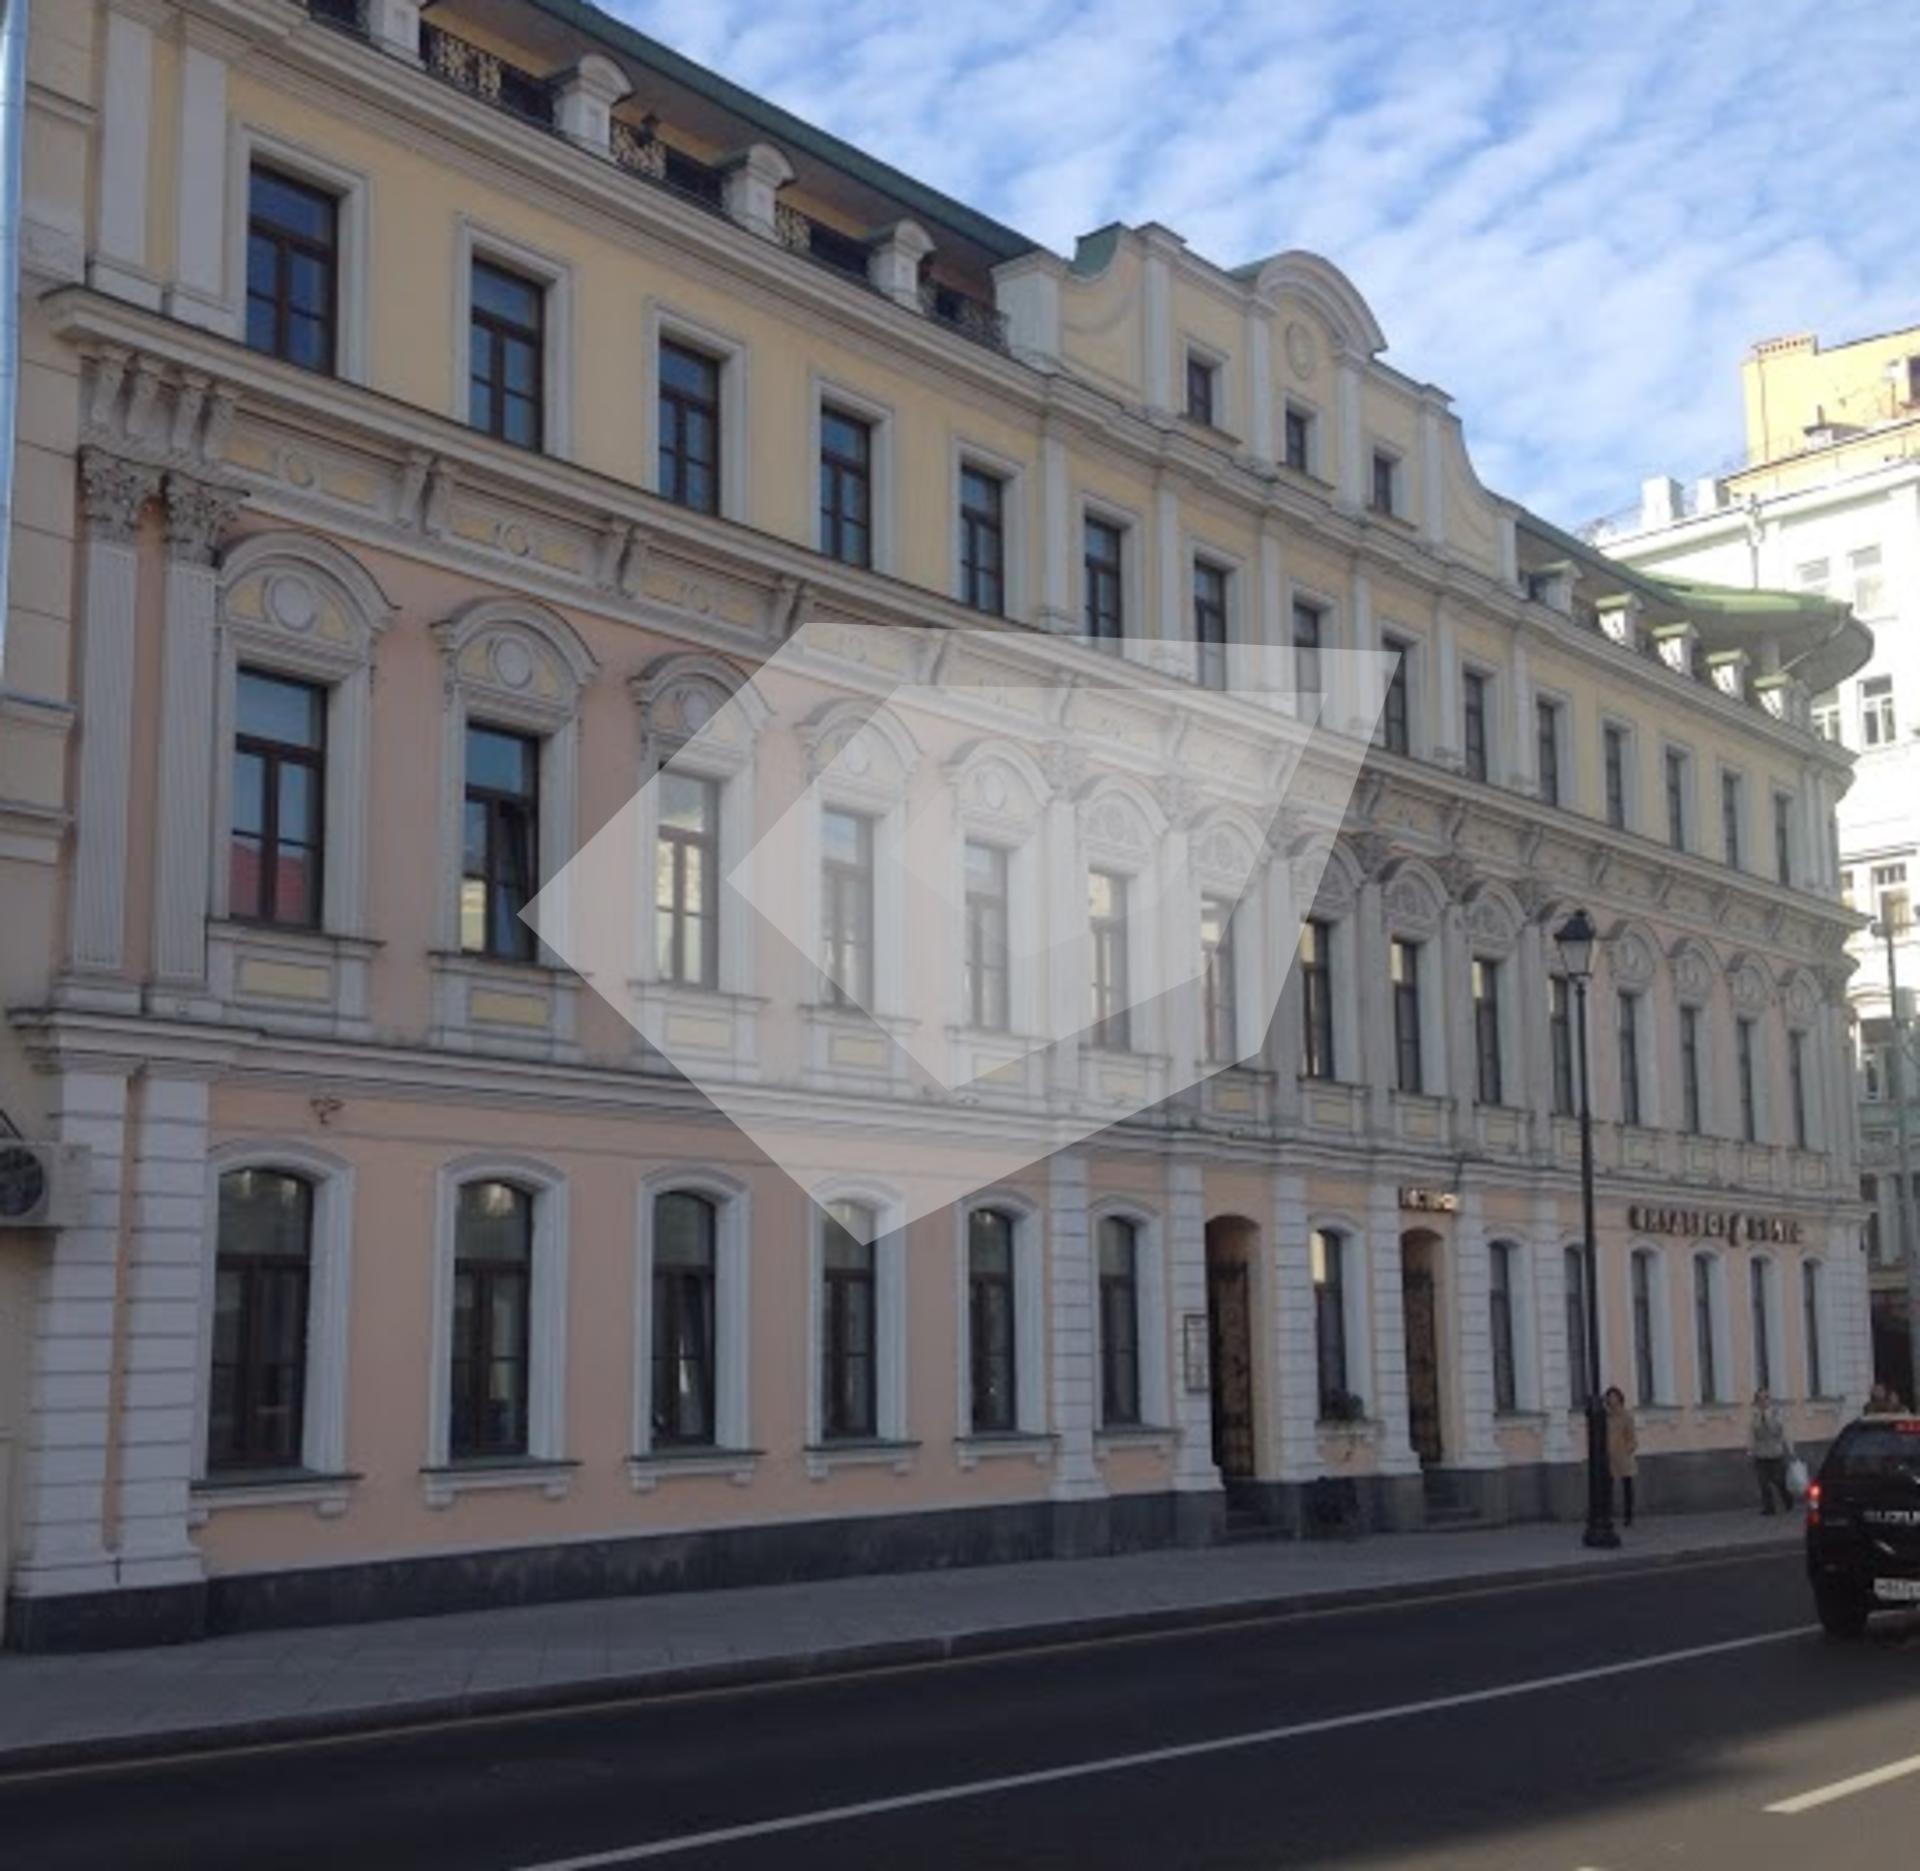 Аренда офисных помещений Покровка улица коммерческая недвижимость в россии стала формироваться